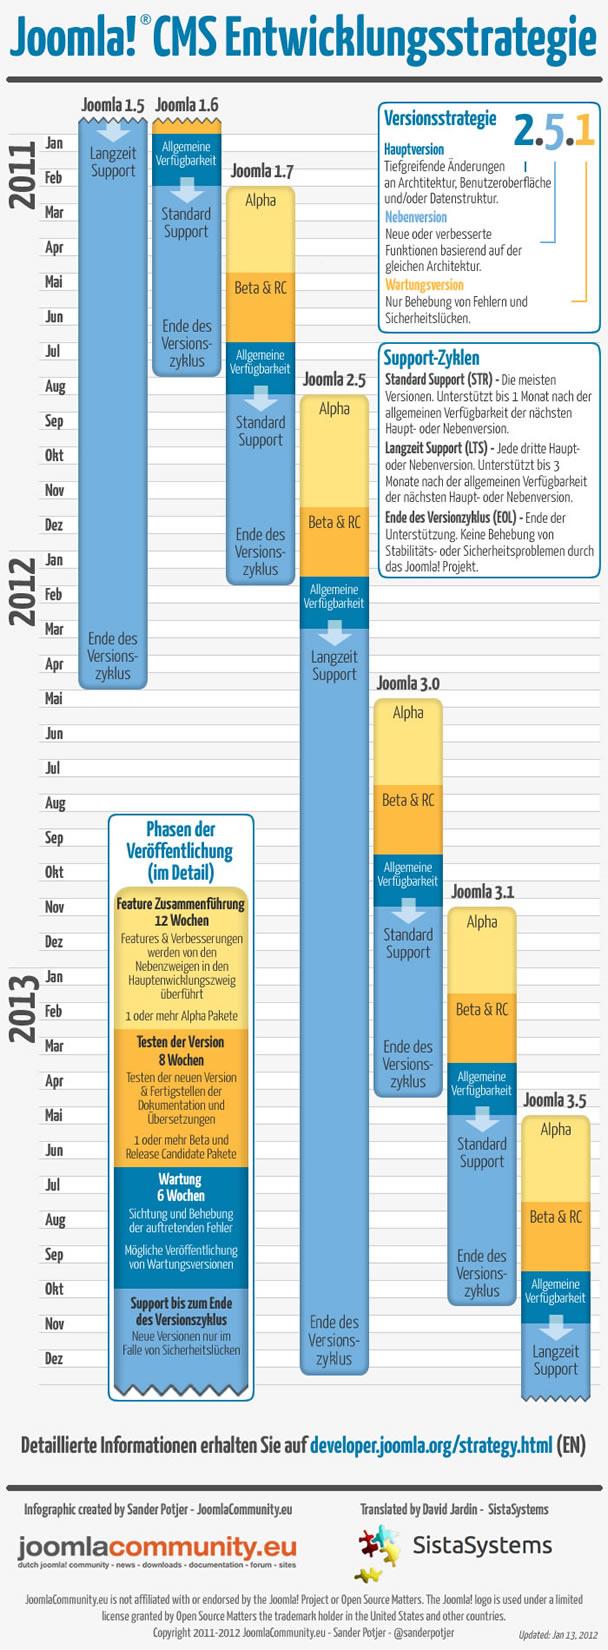 Joomla CMS Entwicklungsstrategie